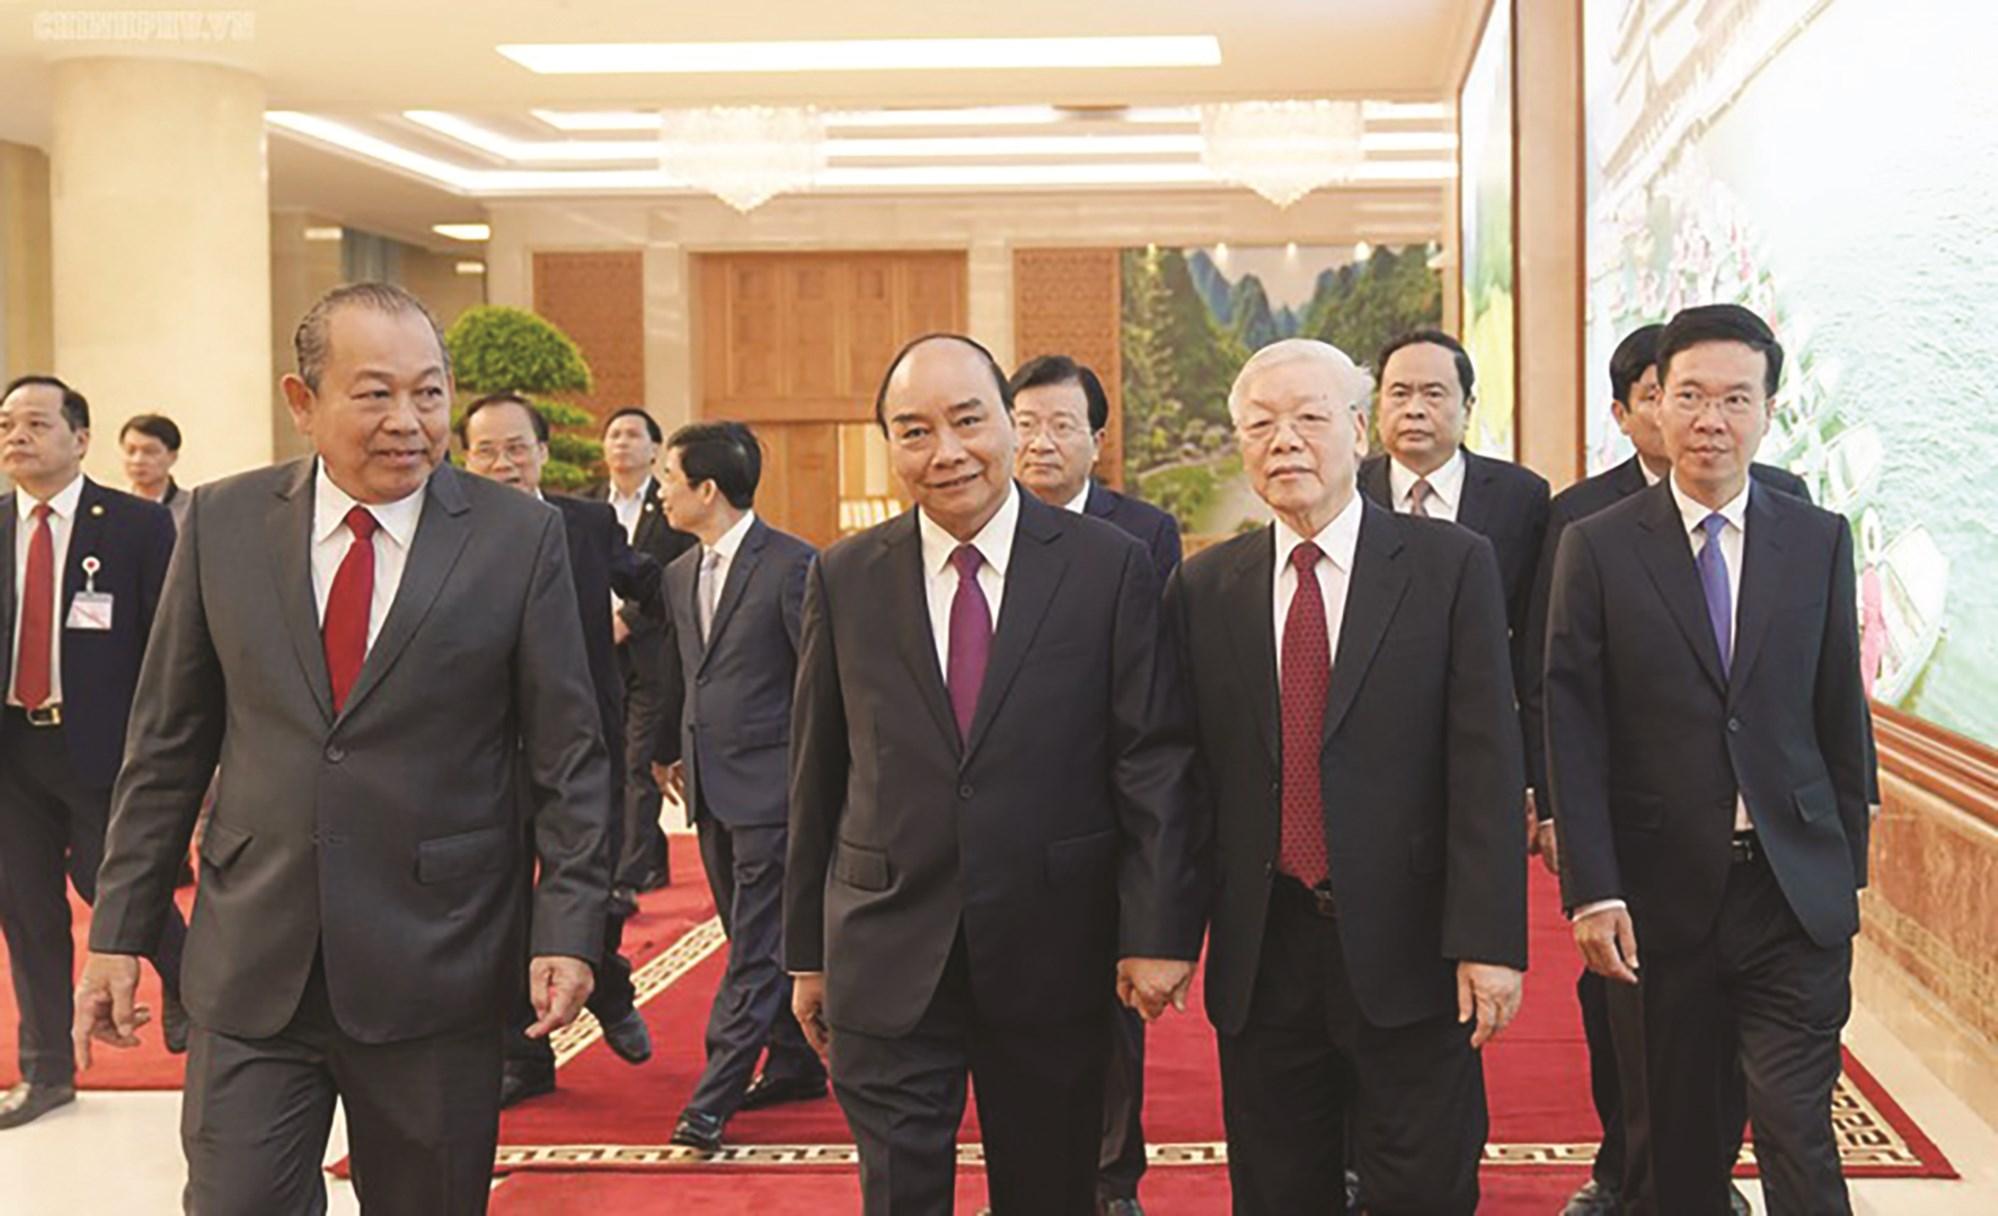 Tổng Bí thư, Chủ tịch nước Nguyễn Phú Trọng và lãnh đạo Đảng, Nhà nước dự Hội nghị Chính phủ với địa phương về phát triển kinh tế - xã hội 2020.